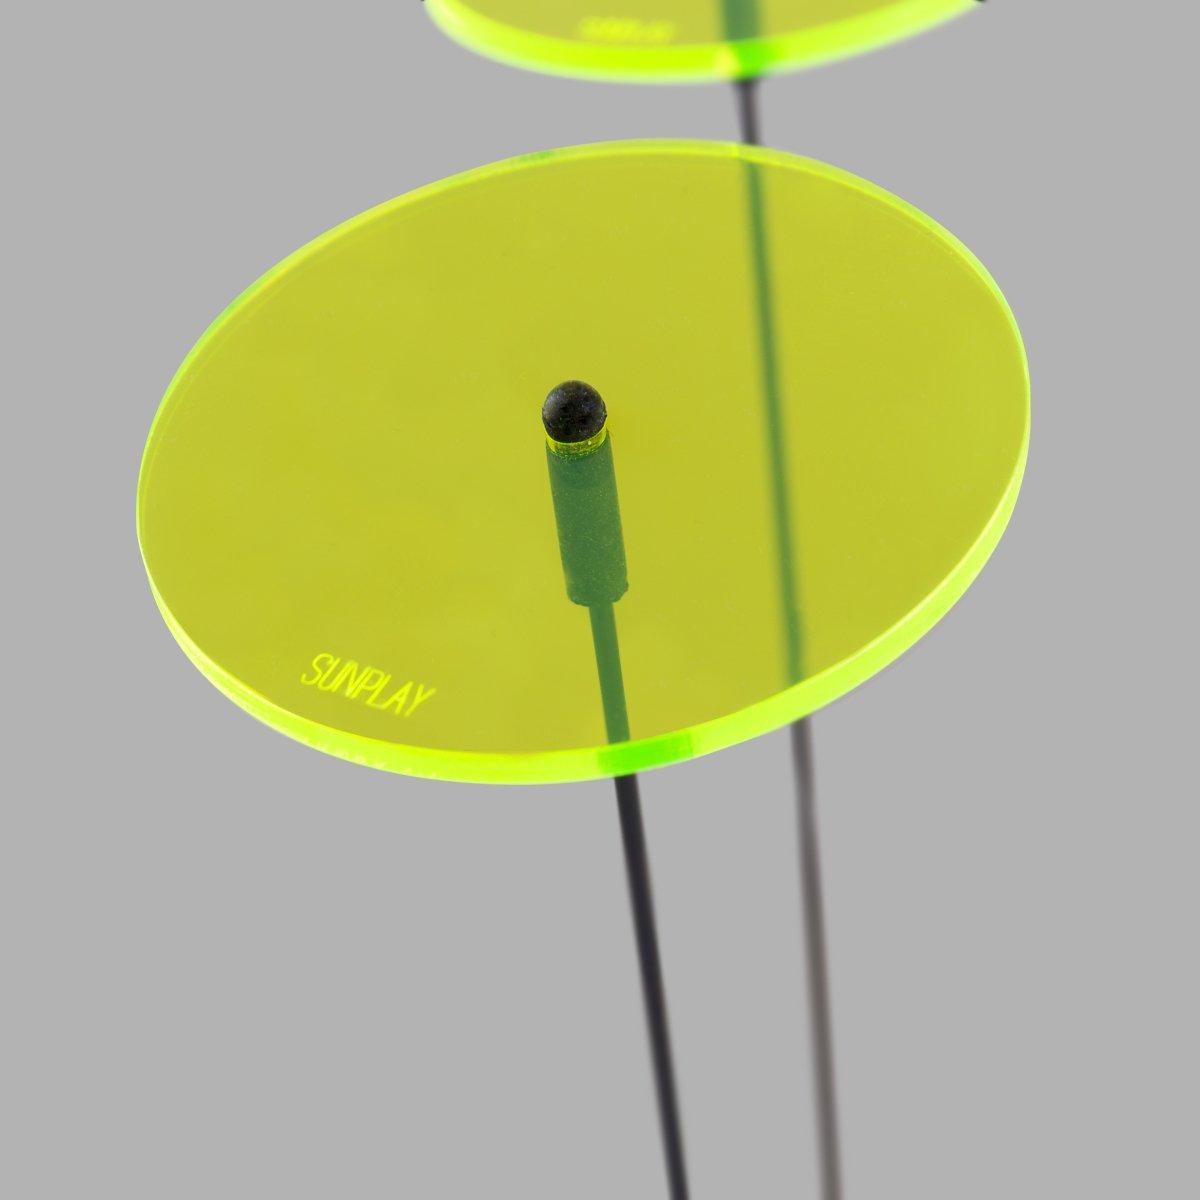 SUNPLAY Sonnenf/änger-Scheiben in GR/ÜN 5 St/ück /à 7 cm und 5 St/ück /à 10 cm Durchmesser 10 St/ück im Set 35 cm Schwingst/äbe